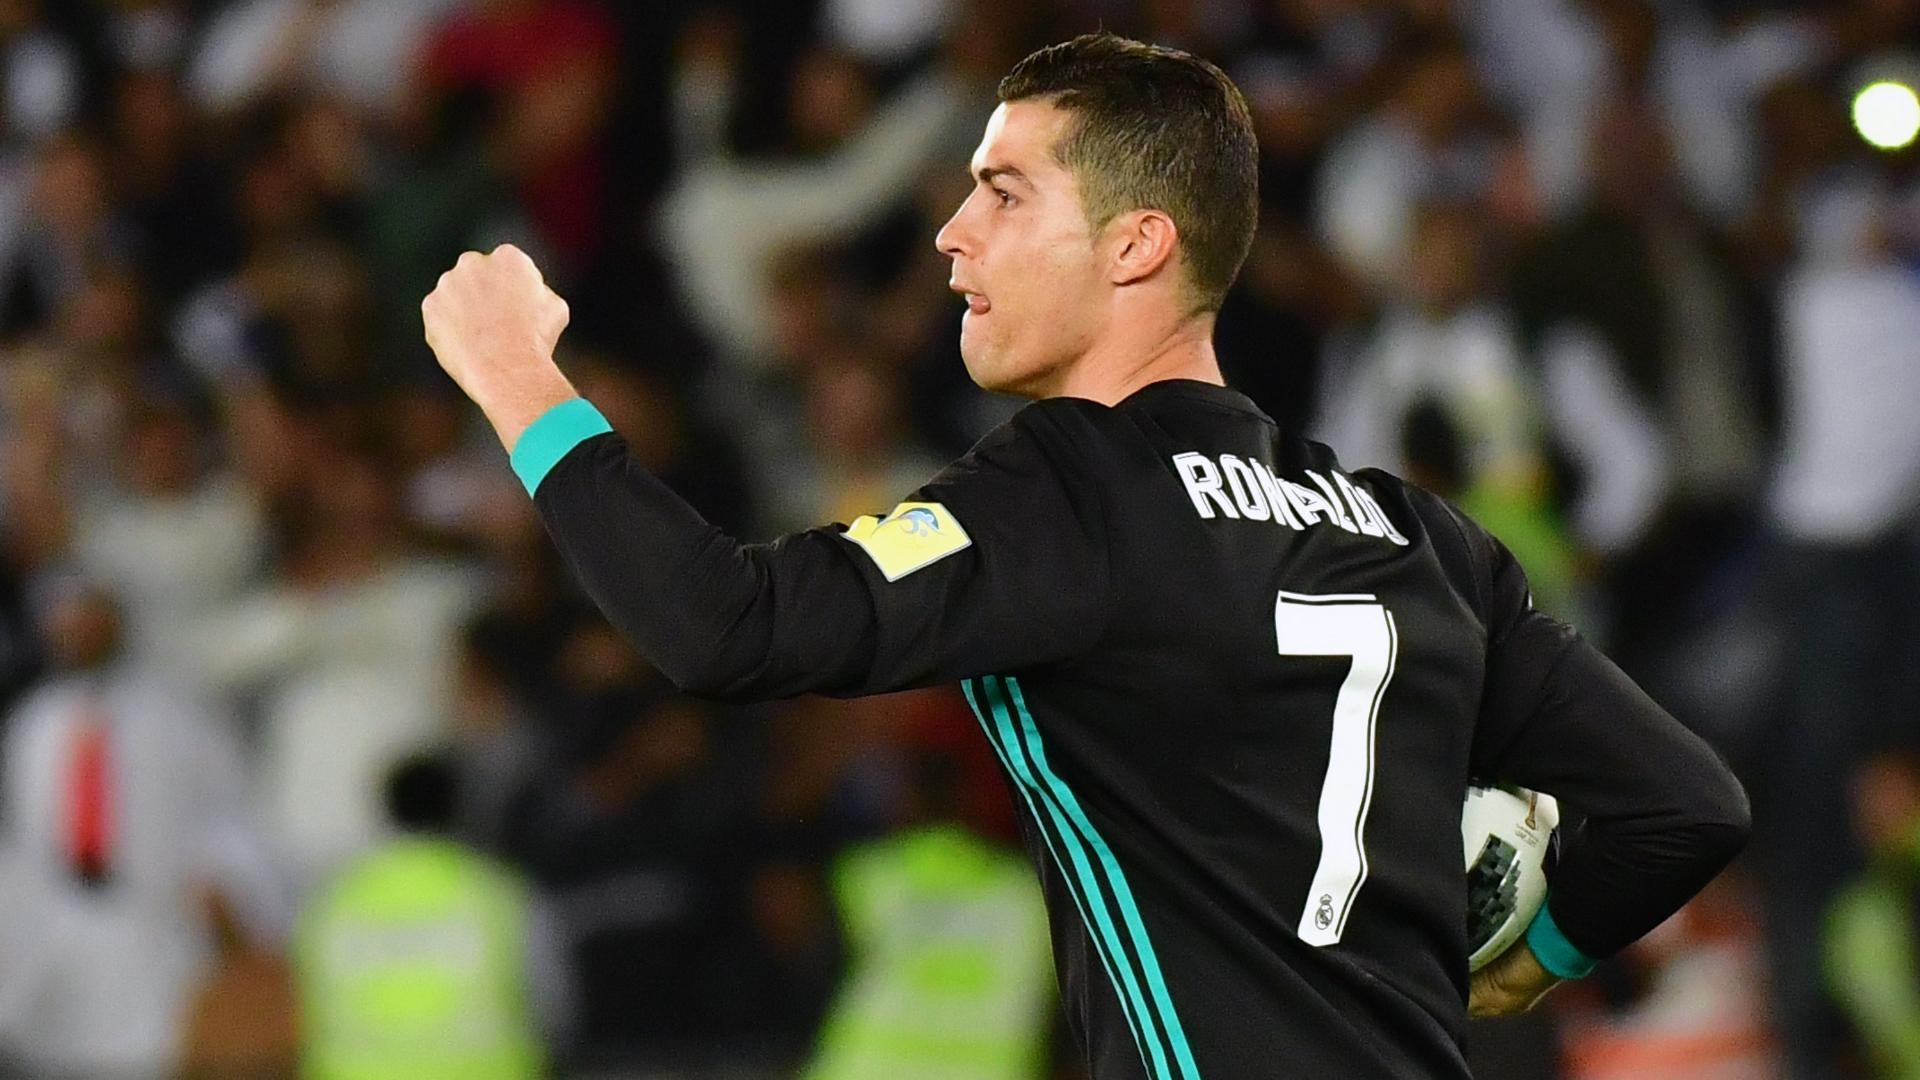 Cristiano Ronaldo Real Madrid Al Jazira